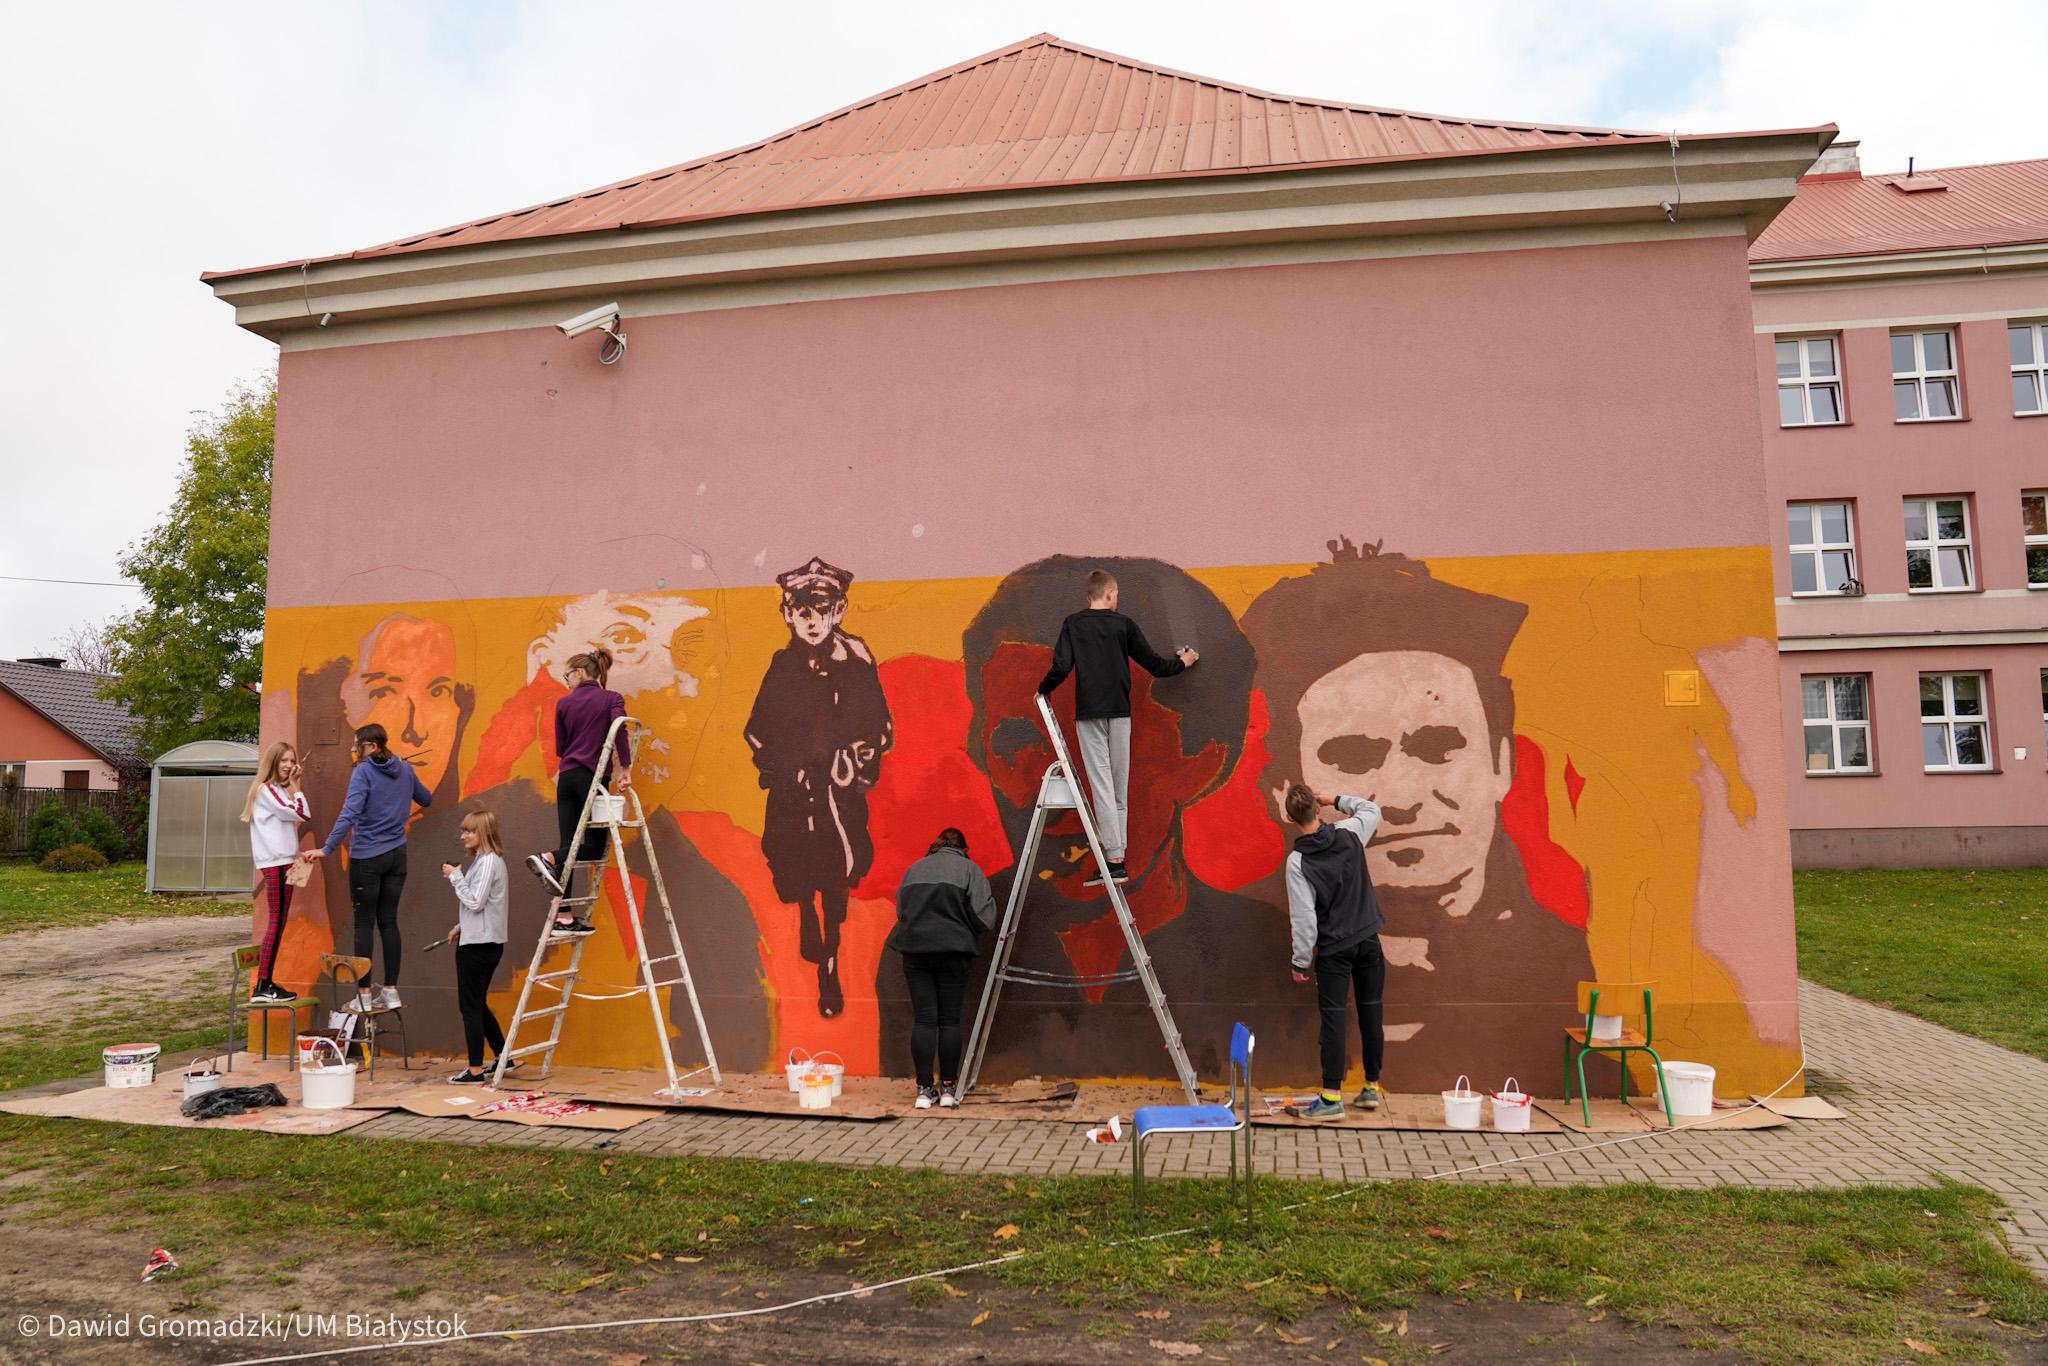 grupa młodzieży maluje mural na ścianie budynku